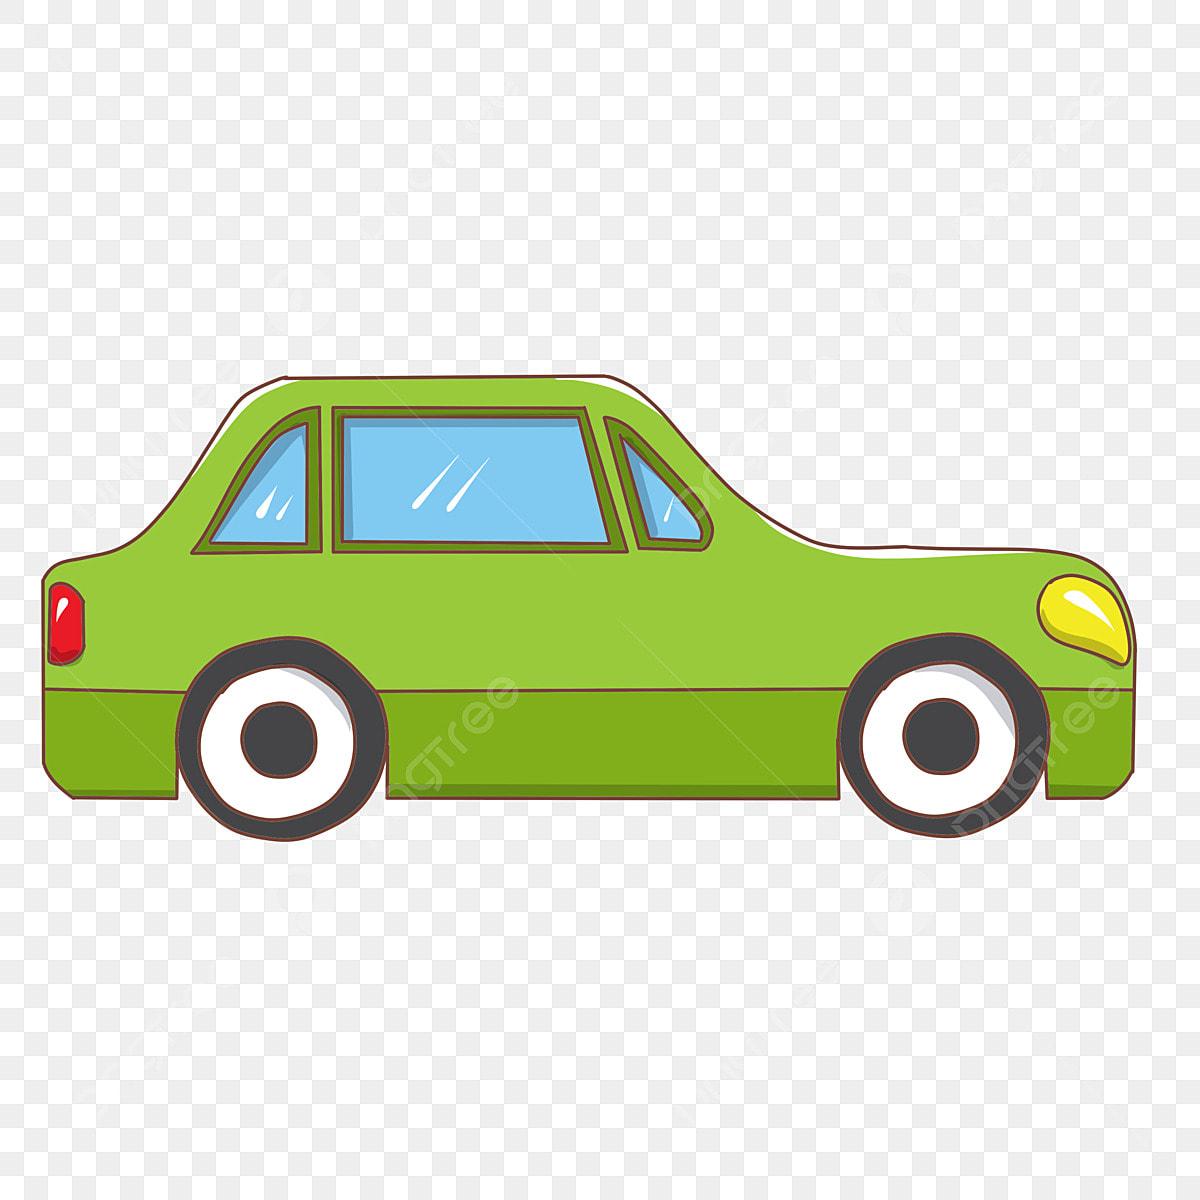 coche verde coche dibujado a mano hermoso carro coche de